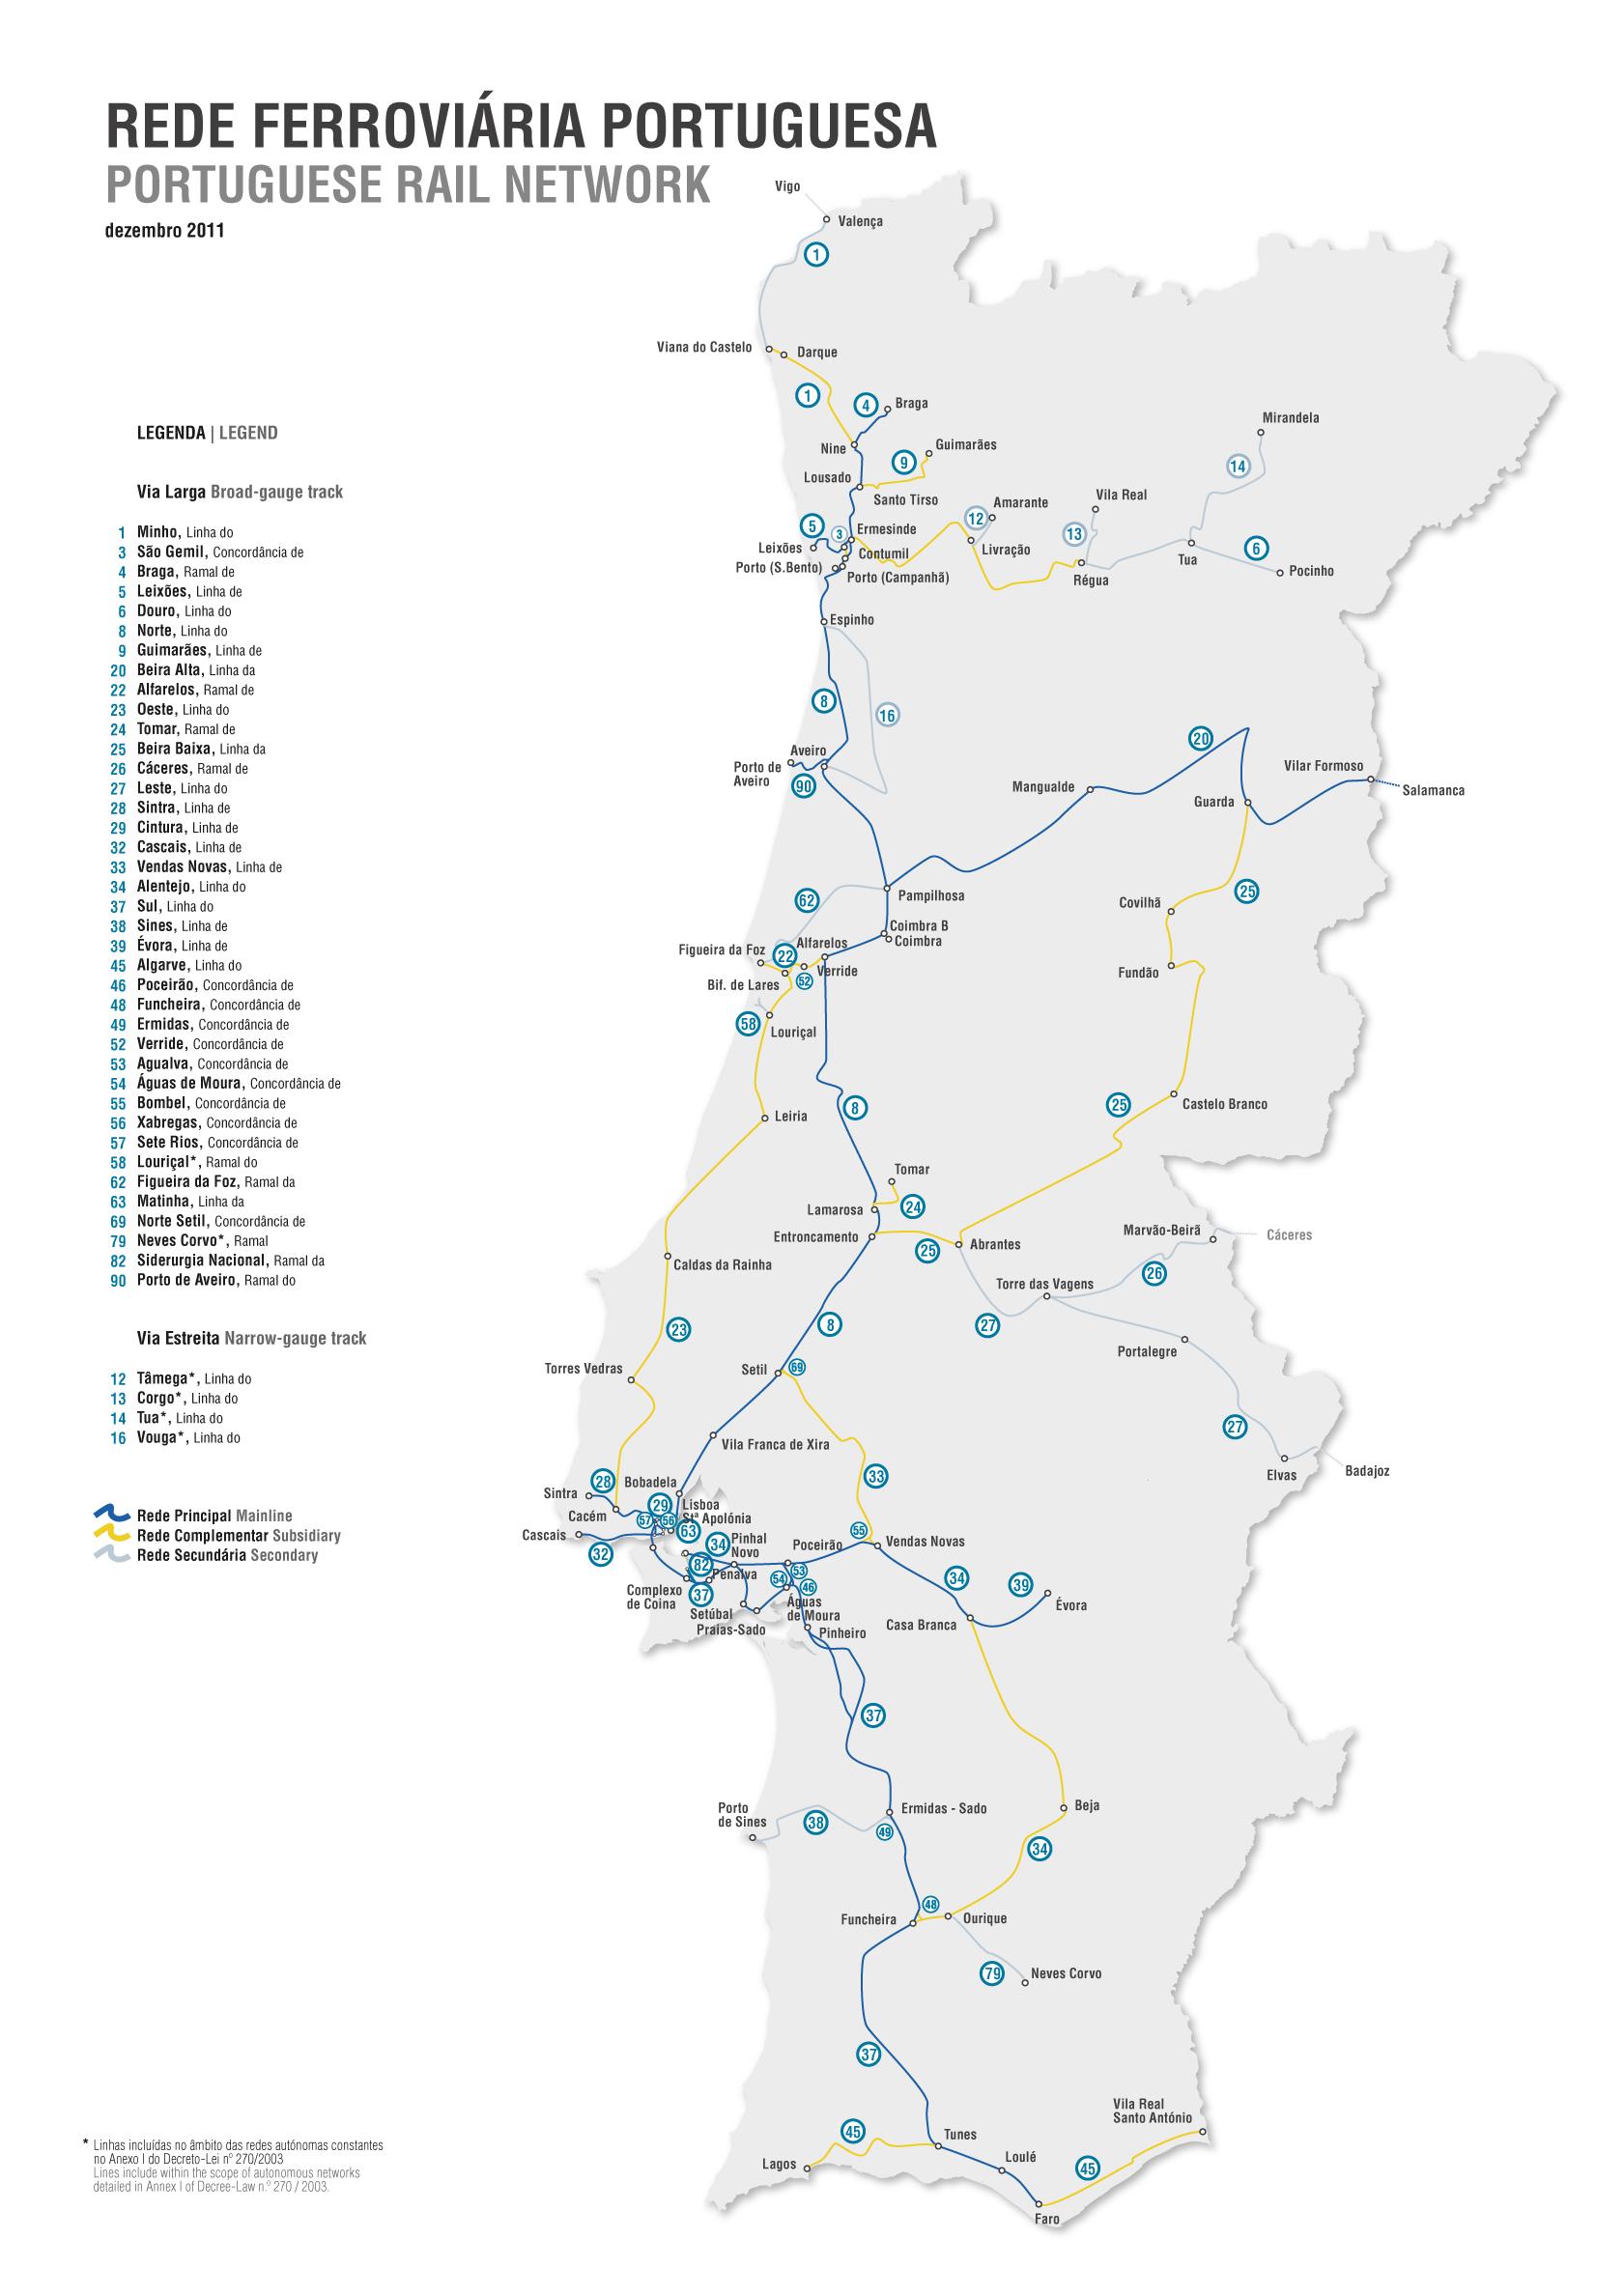 mapa ferroviario de portugal Portugal invierte en infraestructuras ferroviarias para mejorar el  mapa ferroviario de portugal